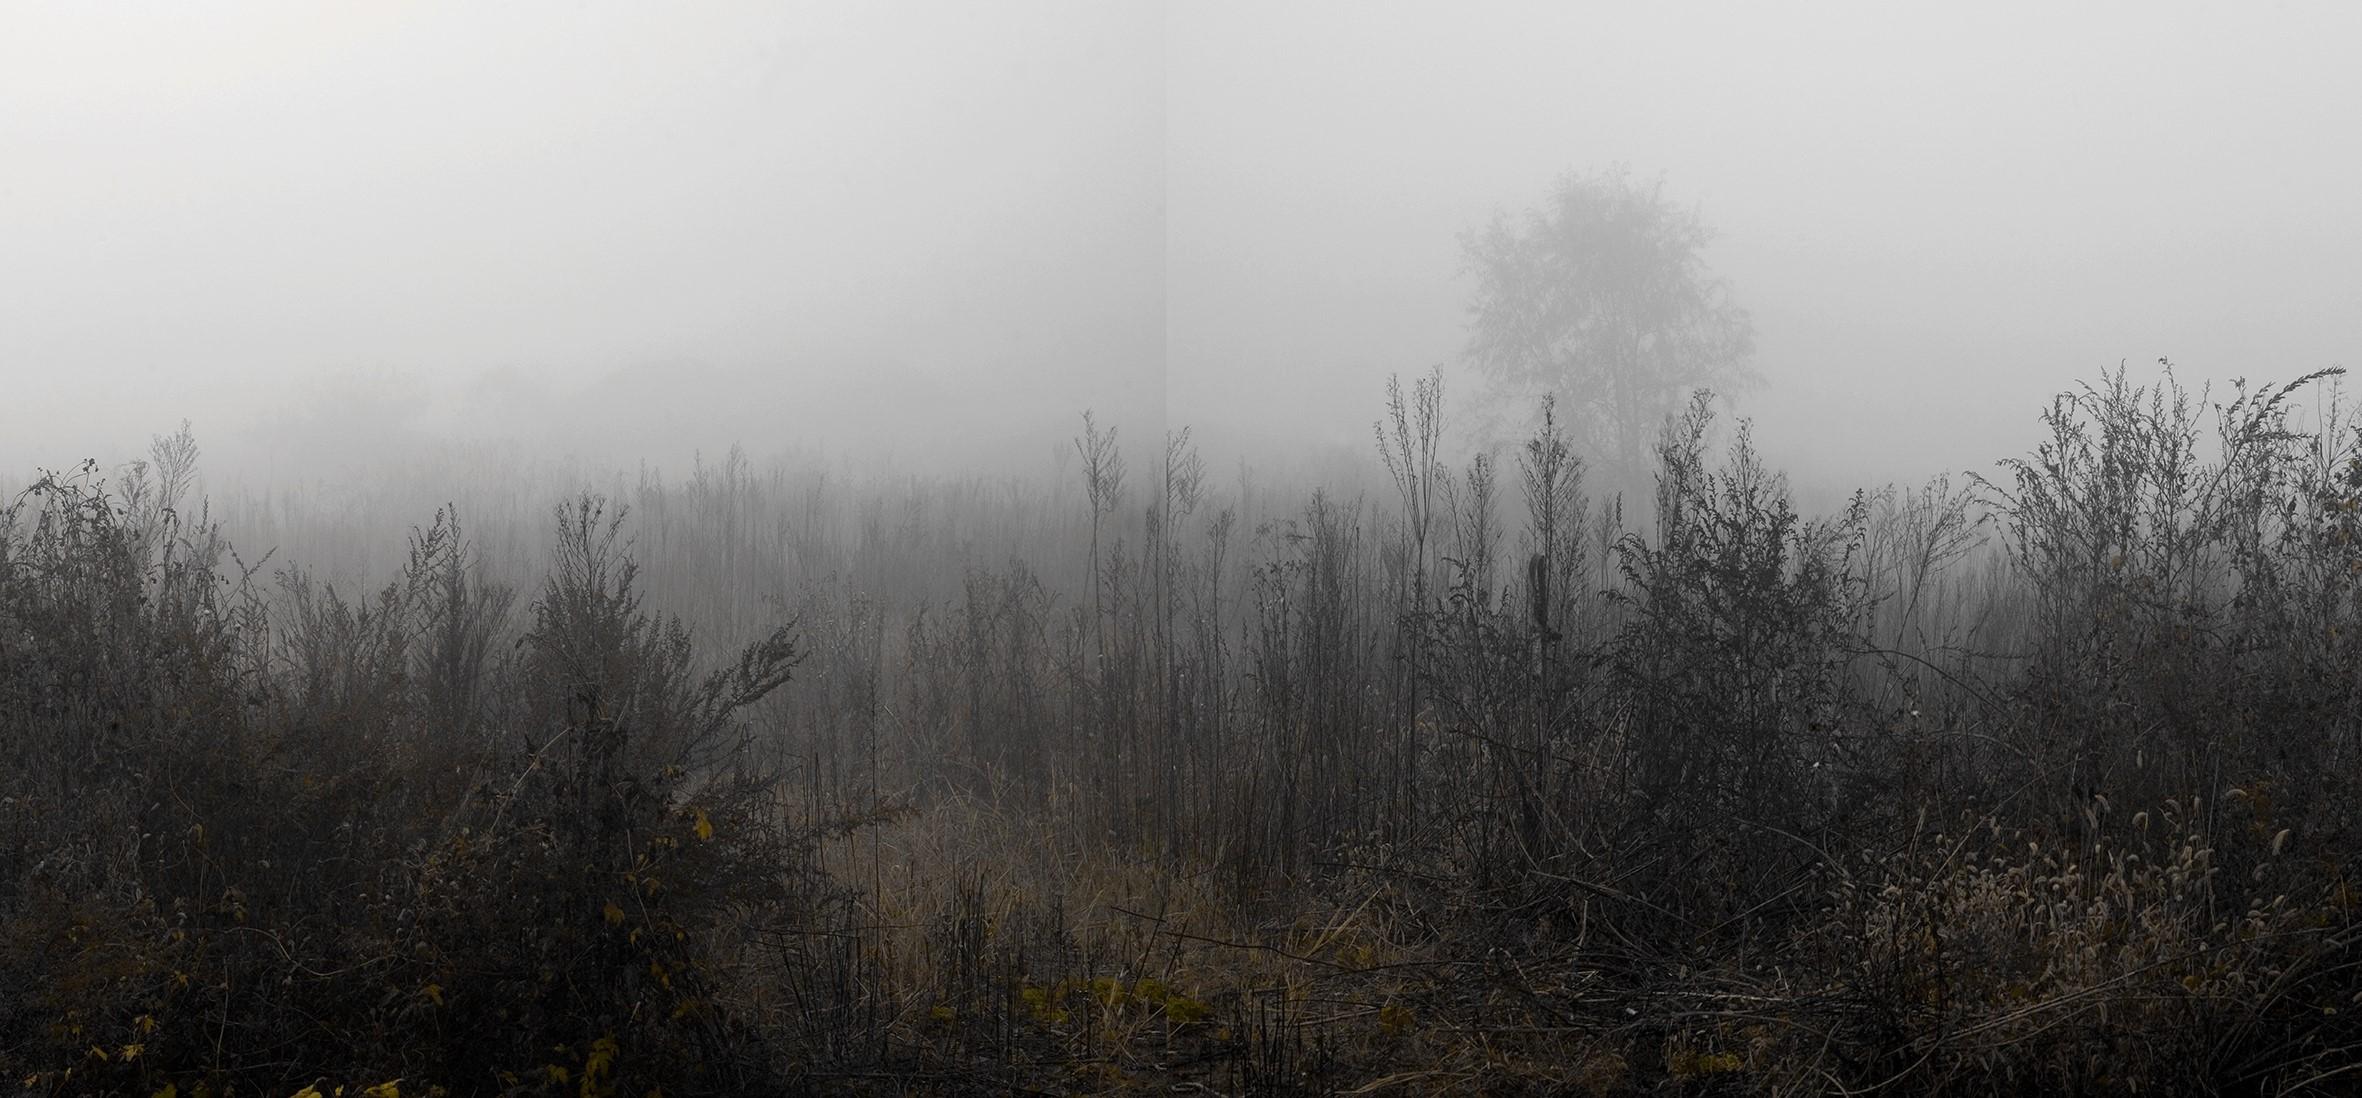 강홍구, 안개와 서리 38, 디지털 프린트, 113x235.5cm, 2012